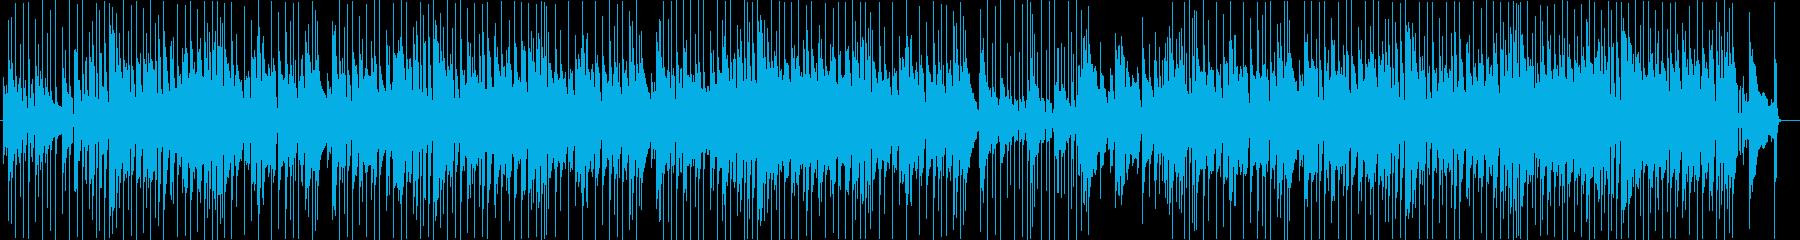 陽気な70'sスワンプロック南部アメリカの再生済みの波形